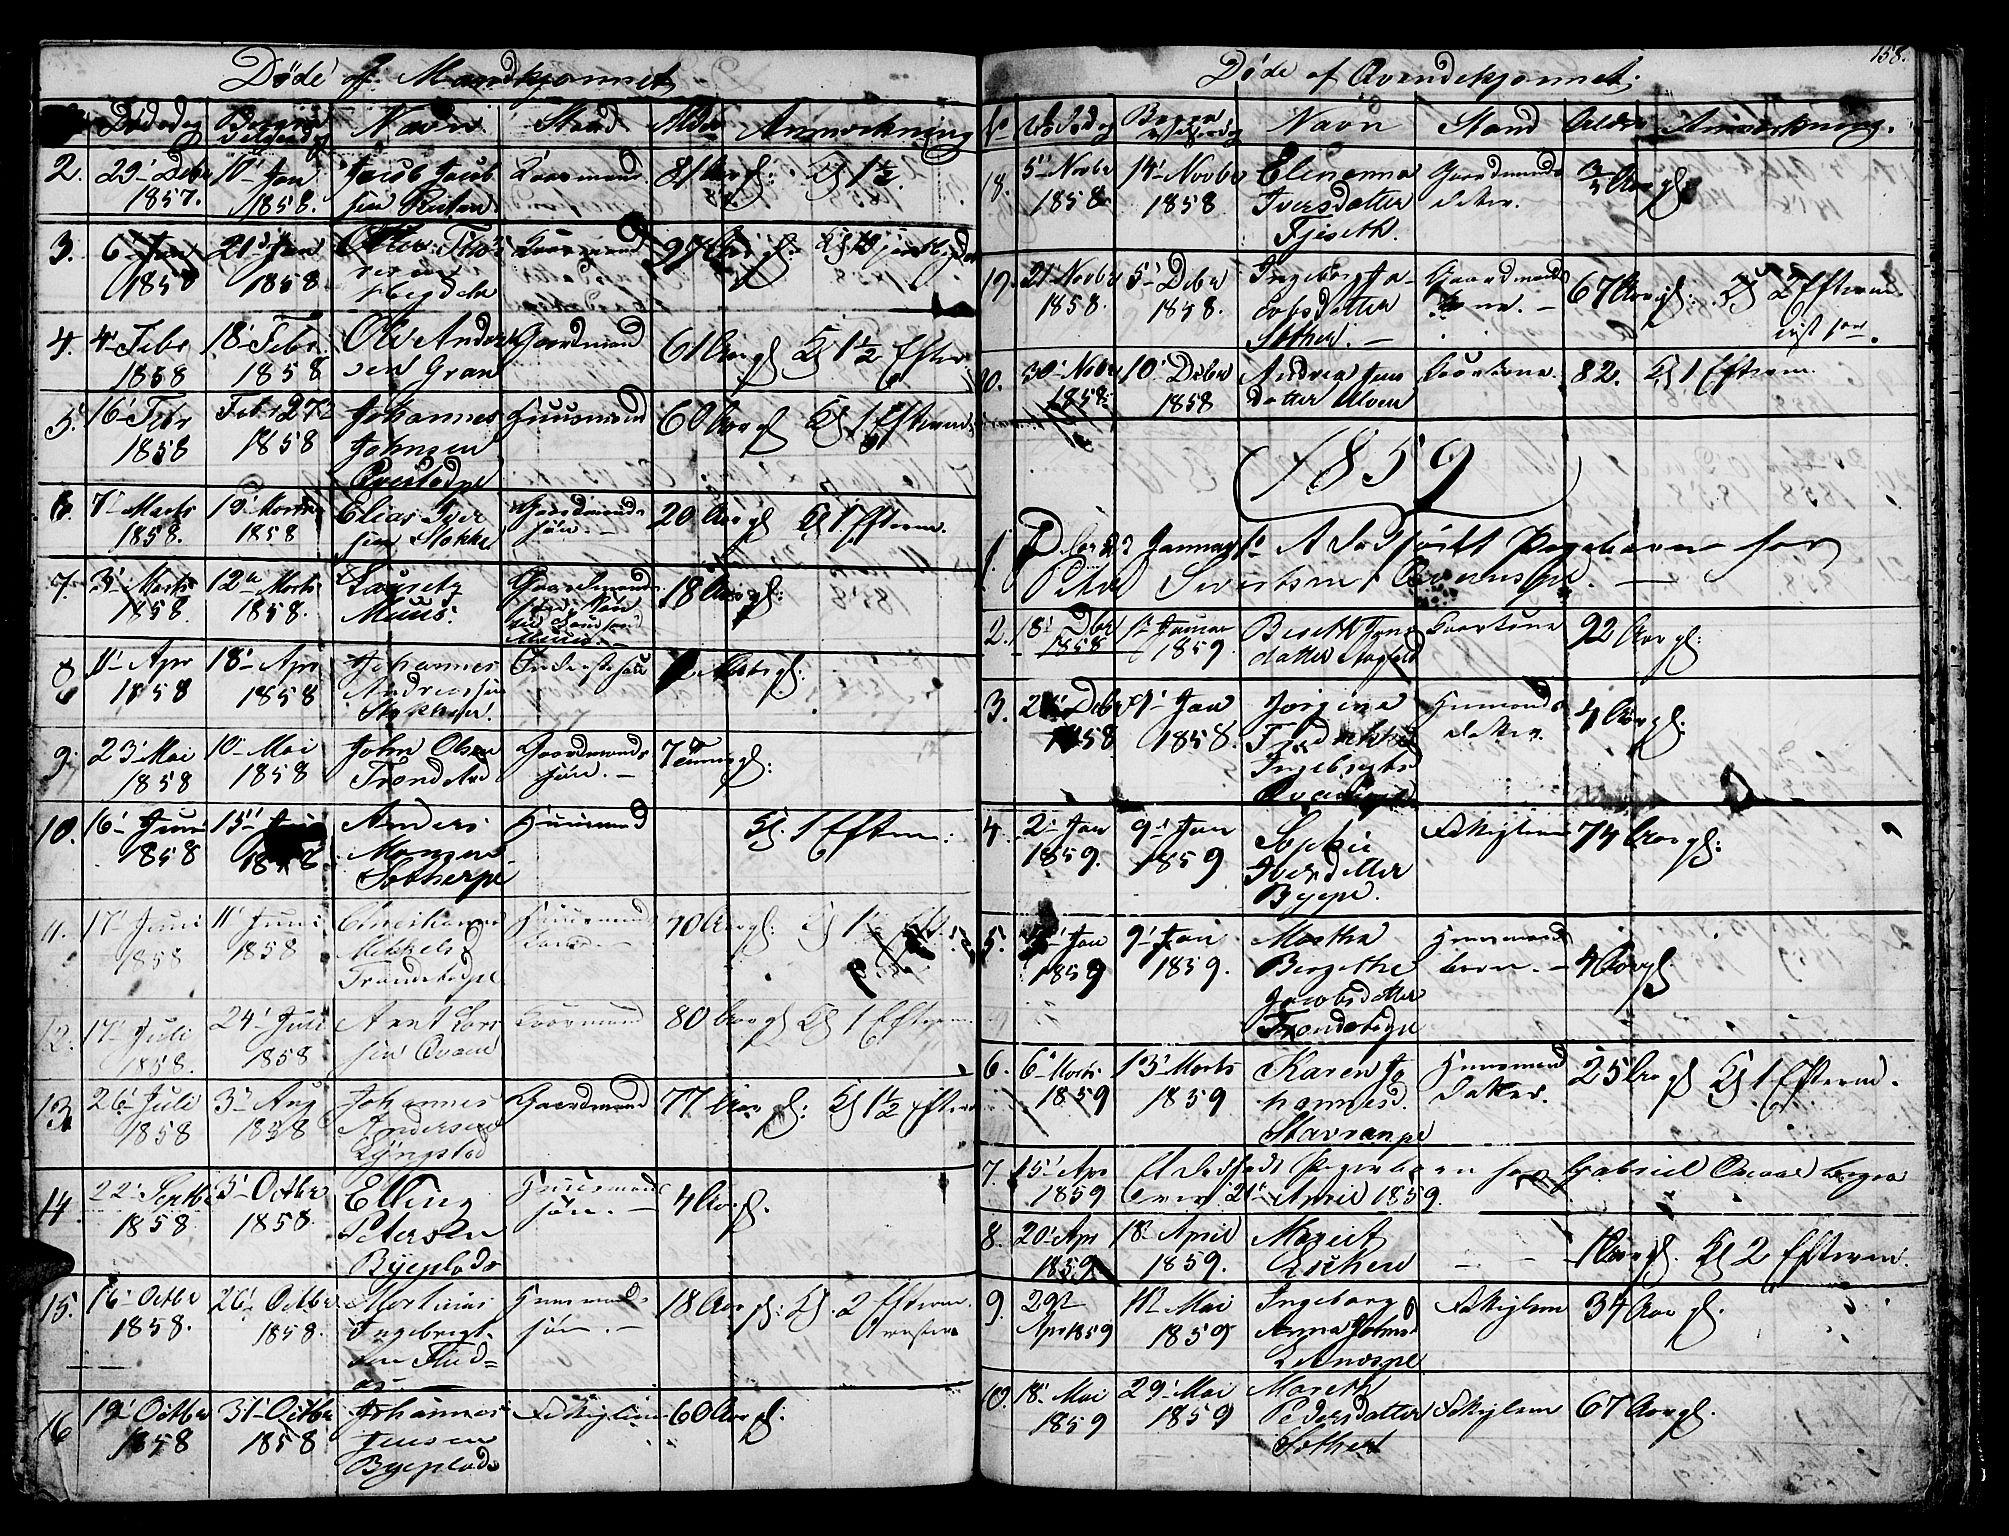 SAT, Ministerialprotokoller, klokkerbøker og fødselsregistre - Nord-Trøndelag, 730/L0299: Klokkerbok nr. 730C02, 1849-1871, s. 158